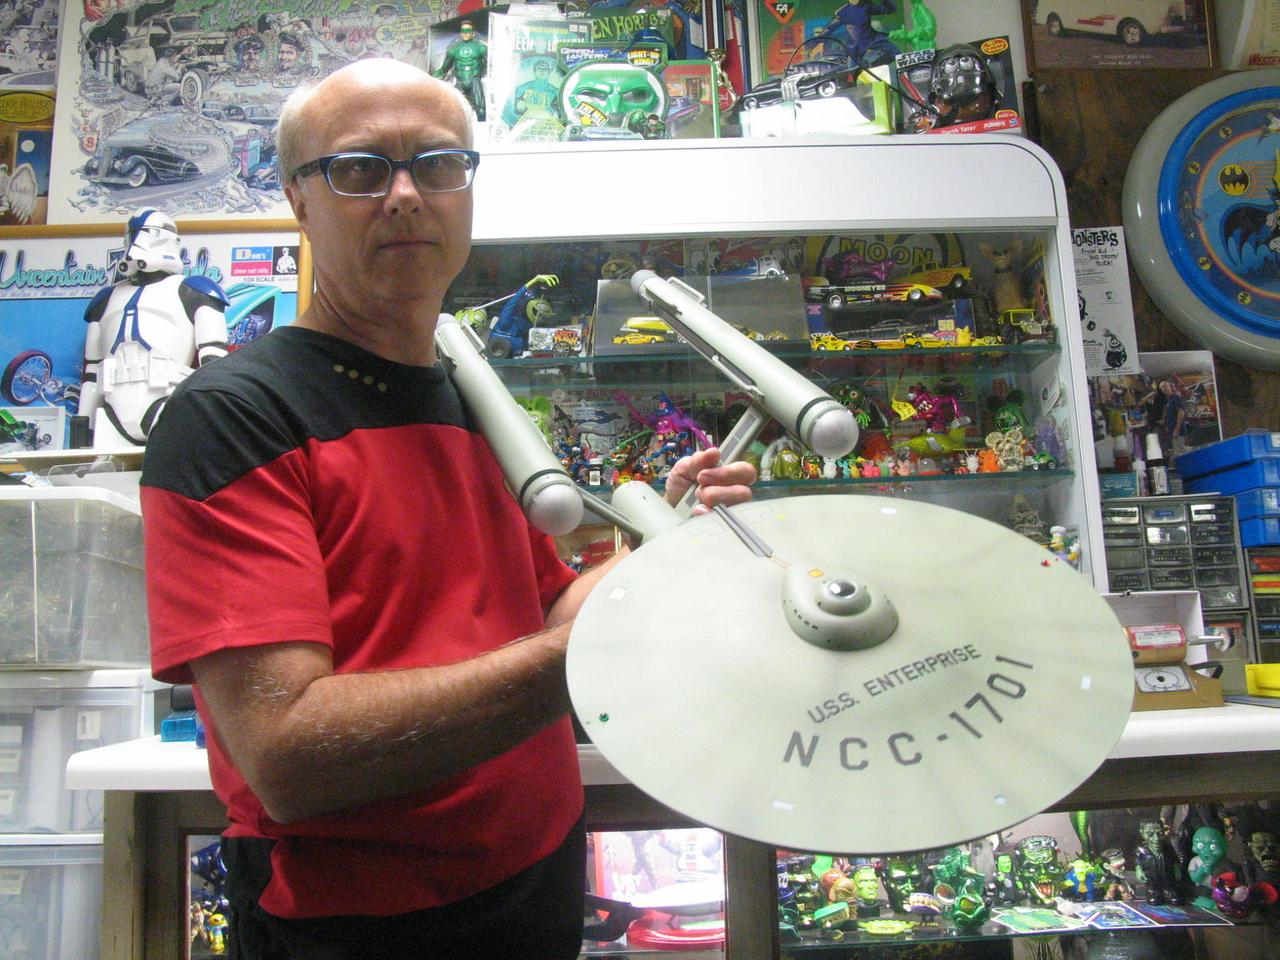 Enterprise from the original show